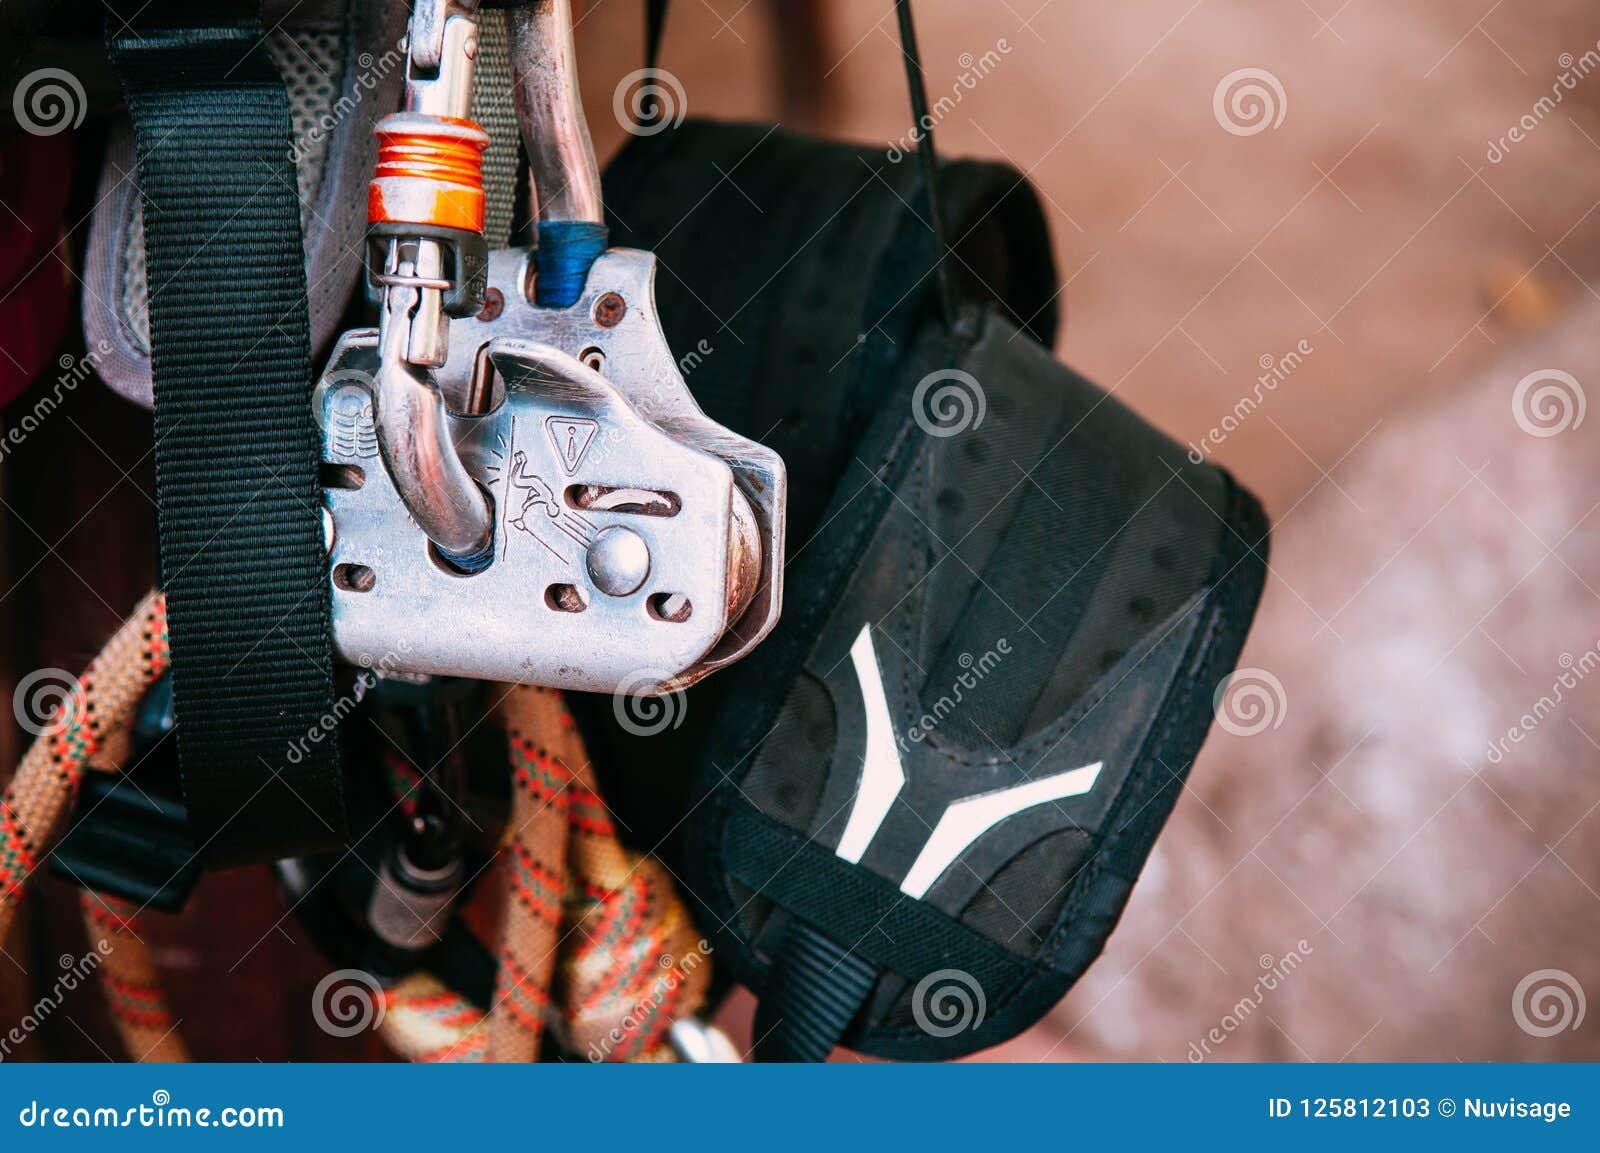 Schließen Sie oben von kletterndem Ganggeschirr, Abenteuersportausrüstung